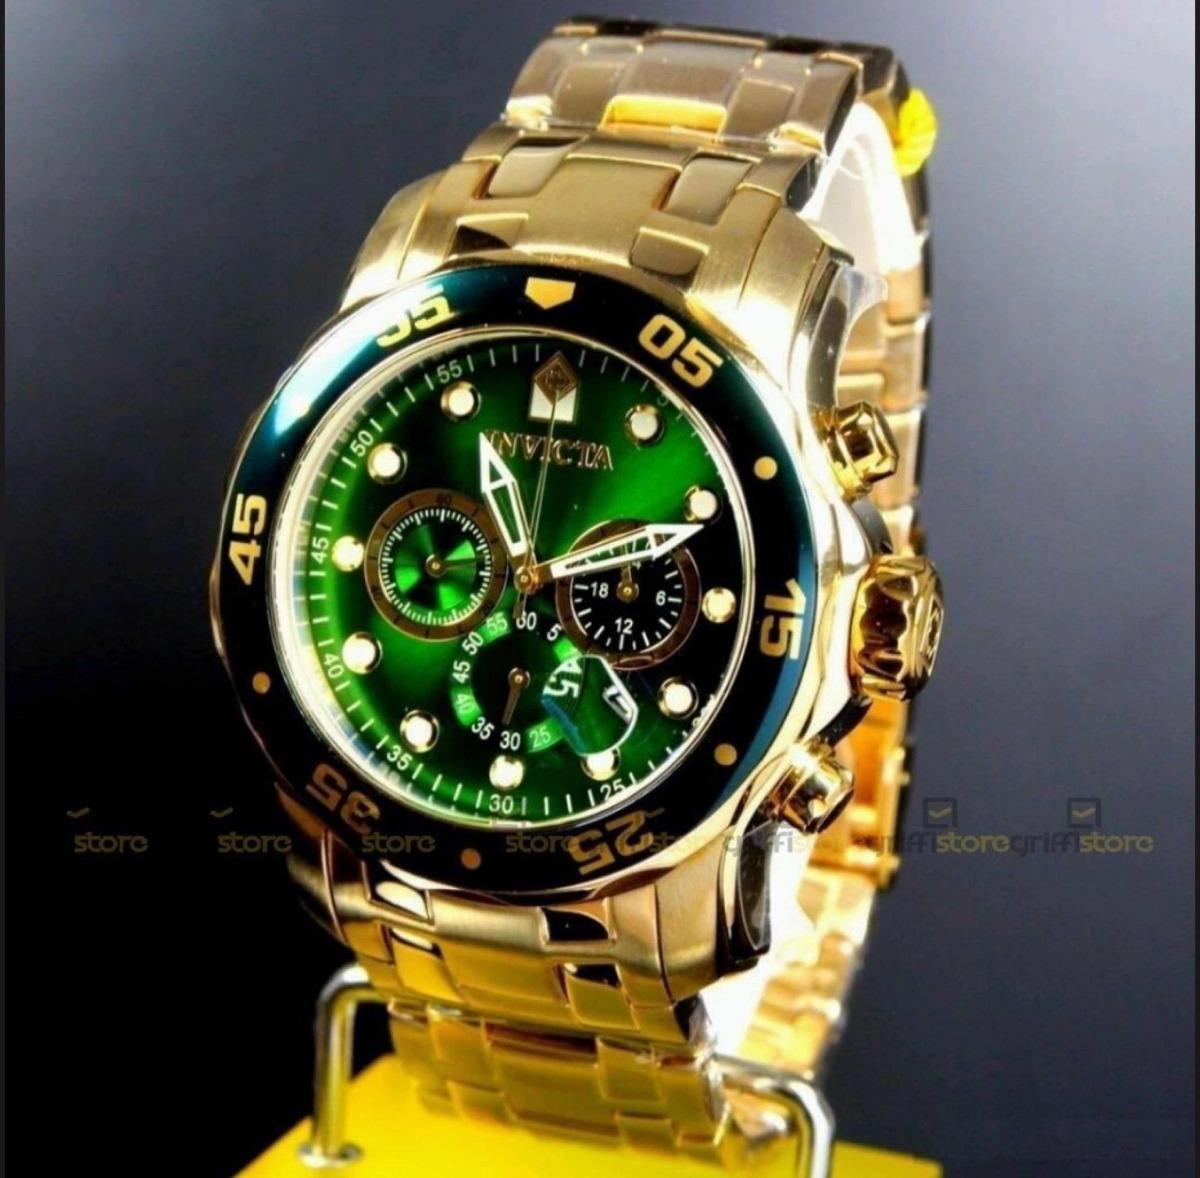 c83355edd60 relógio invicta pro diver 0075 original completo. Carregando zoom.